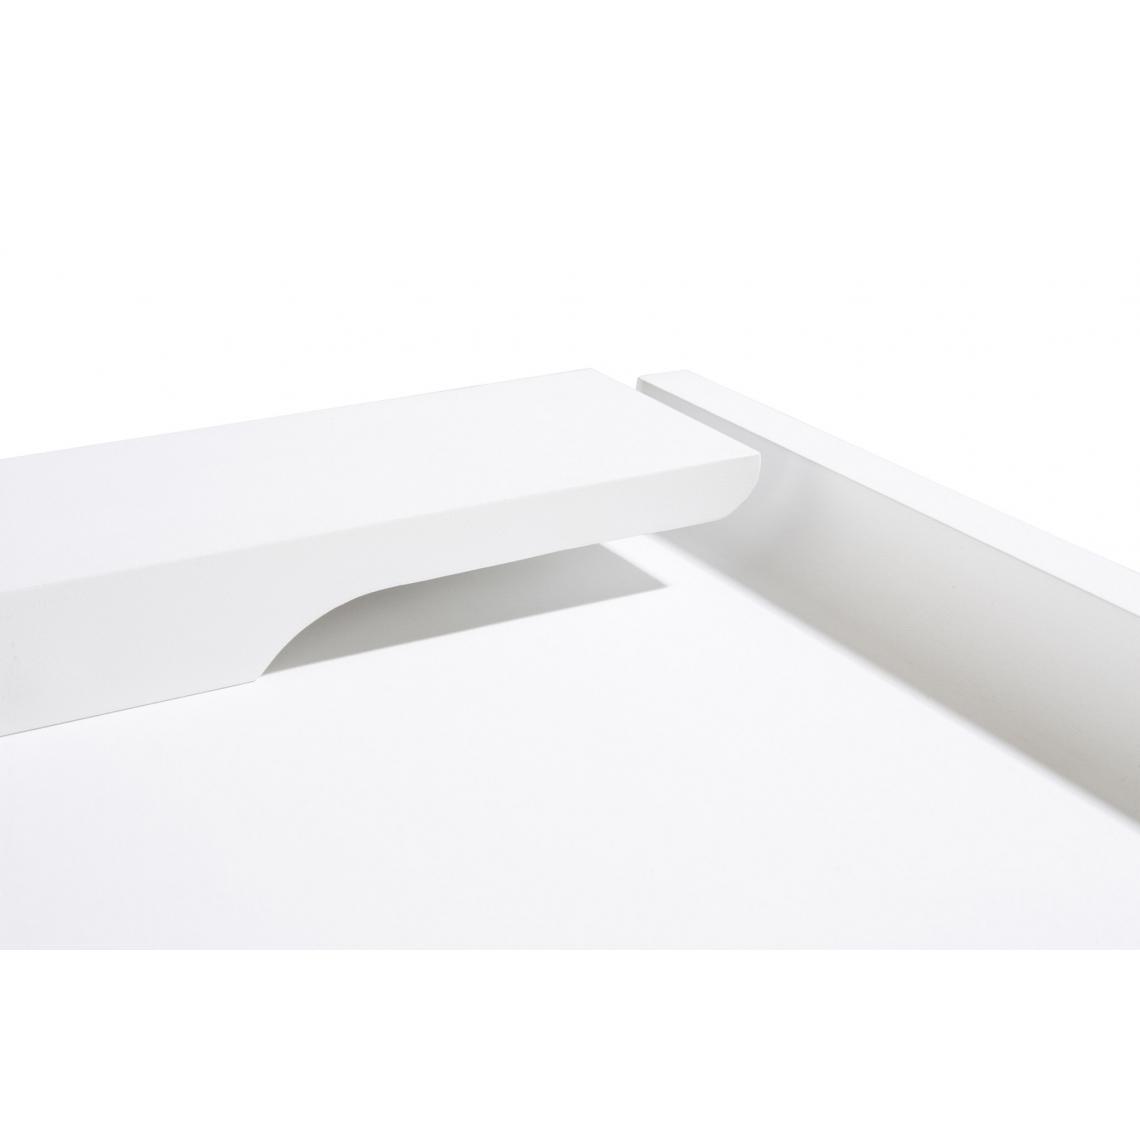 Objet Deco Laque Blanc bureau laqué blanc zasque plus de détails